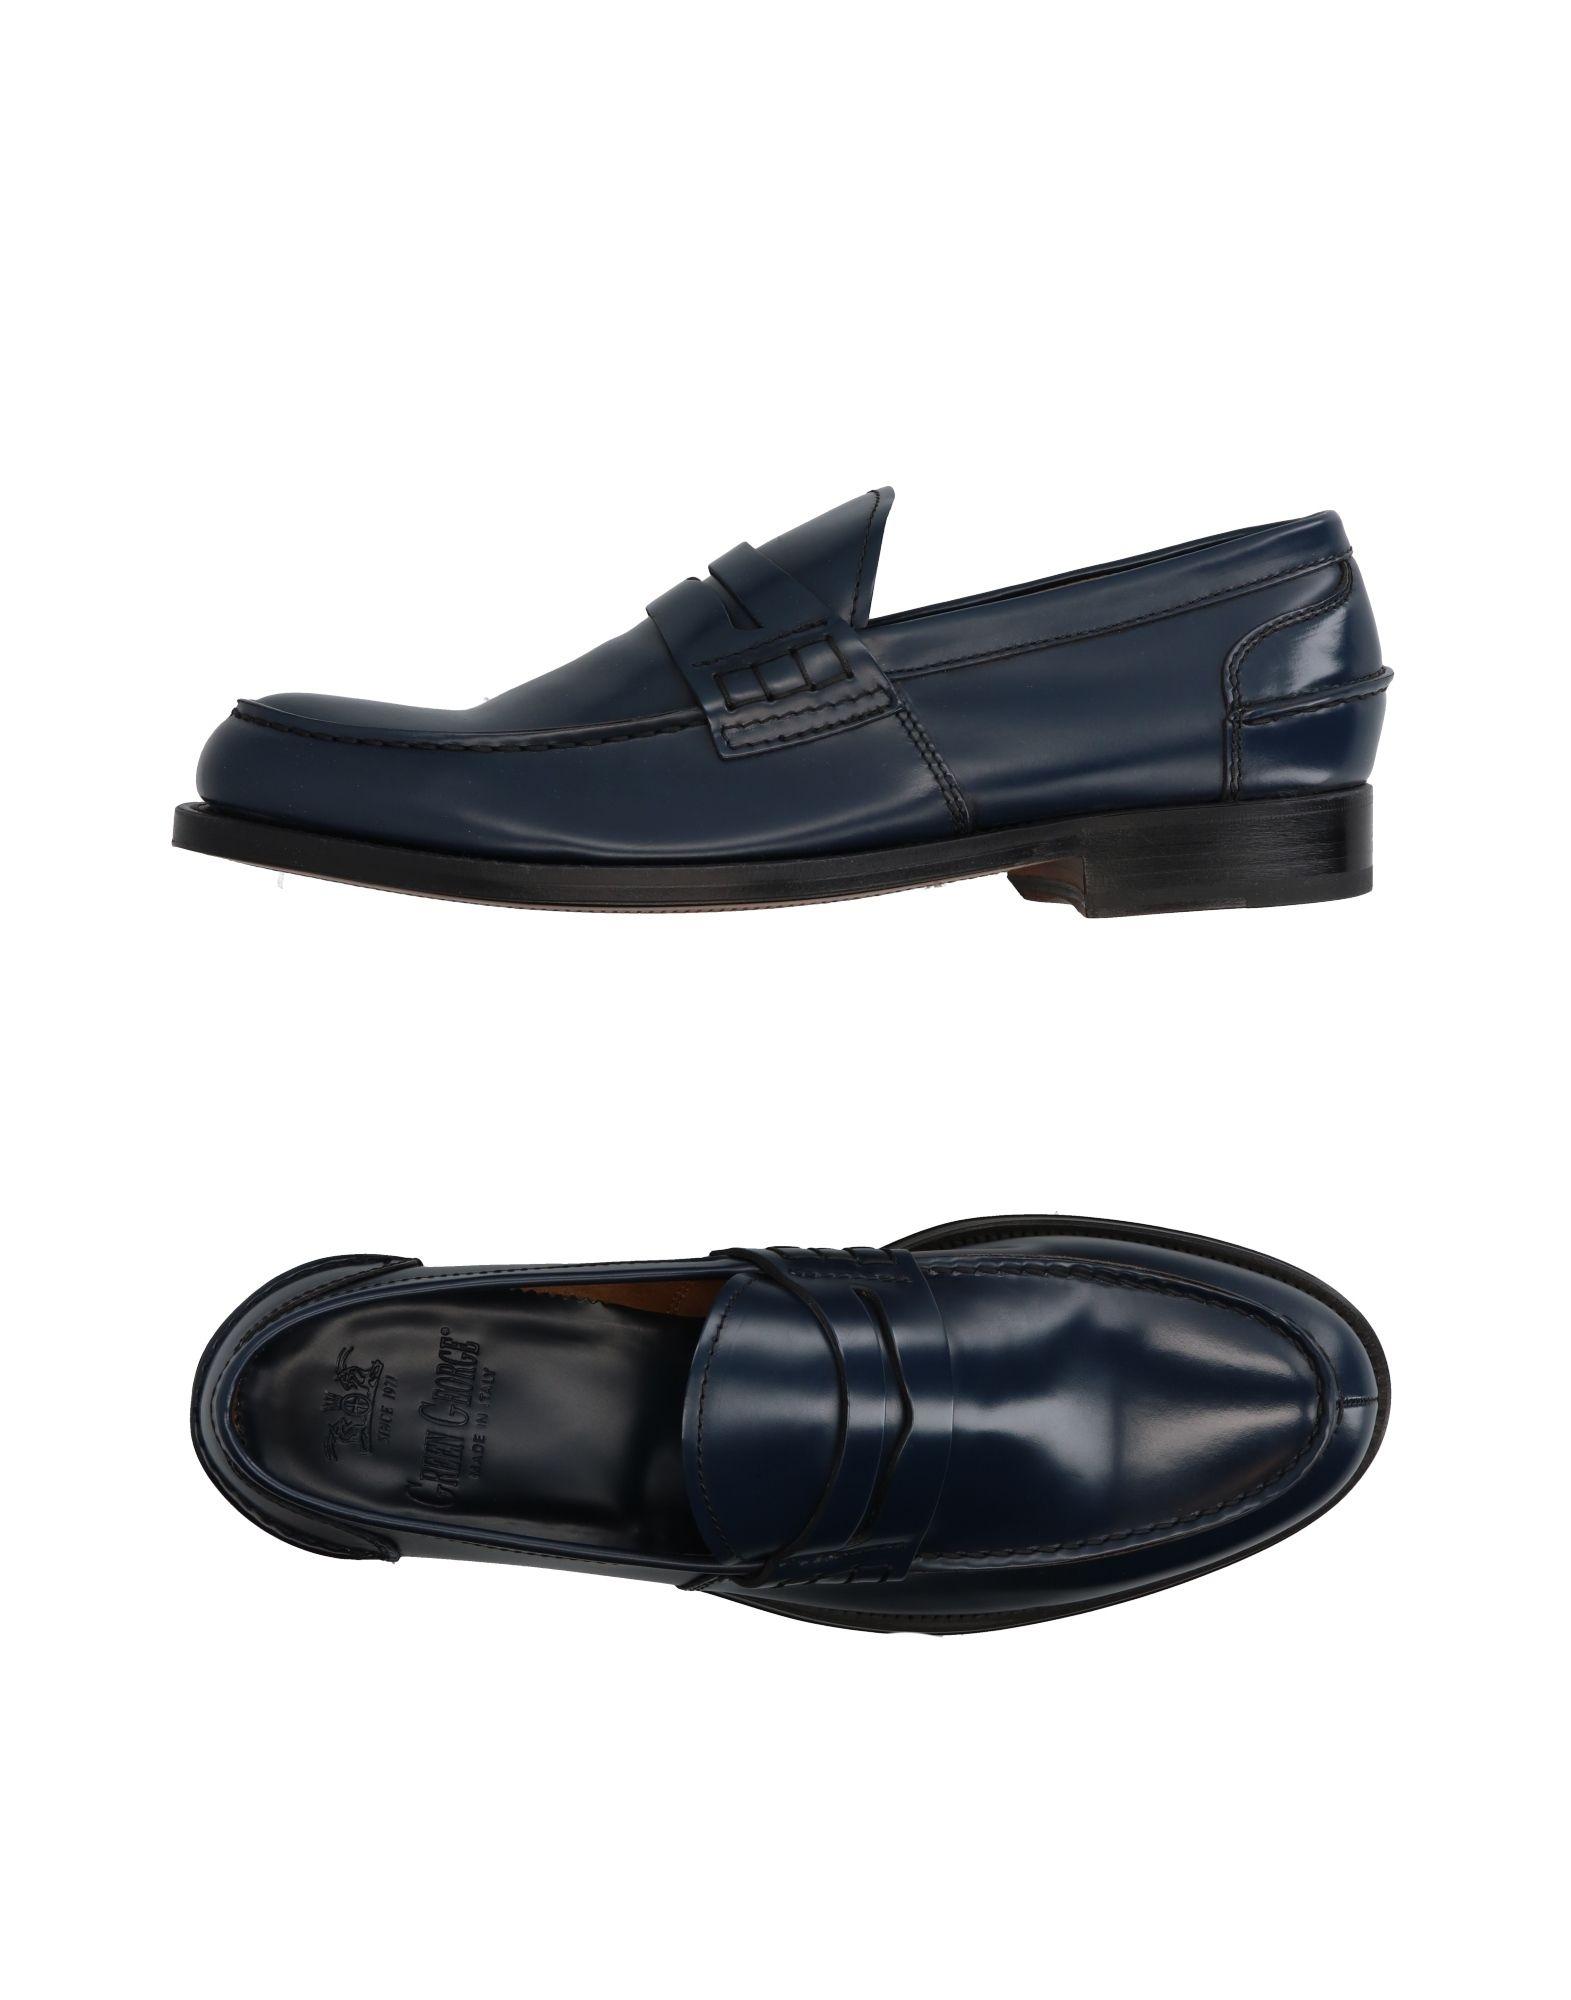 Green George Mokassins Herren  11217970LH Gute Qualität beliebte Schuhe